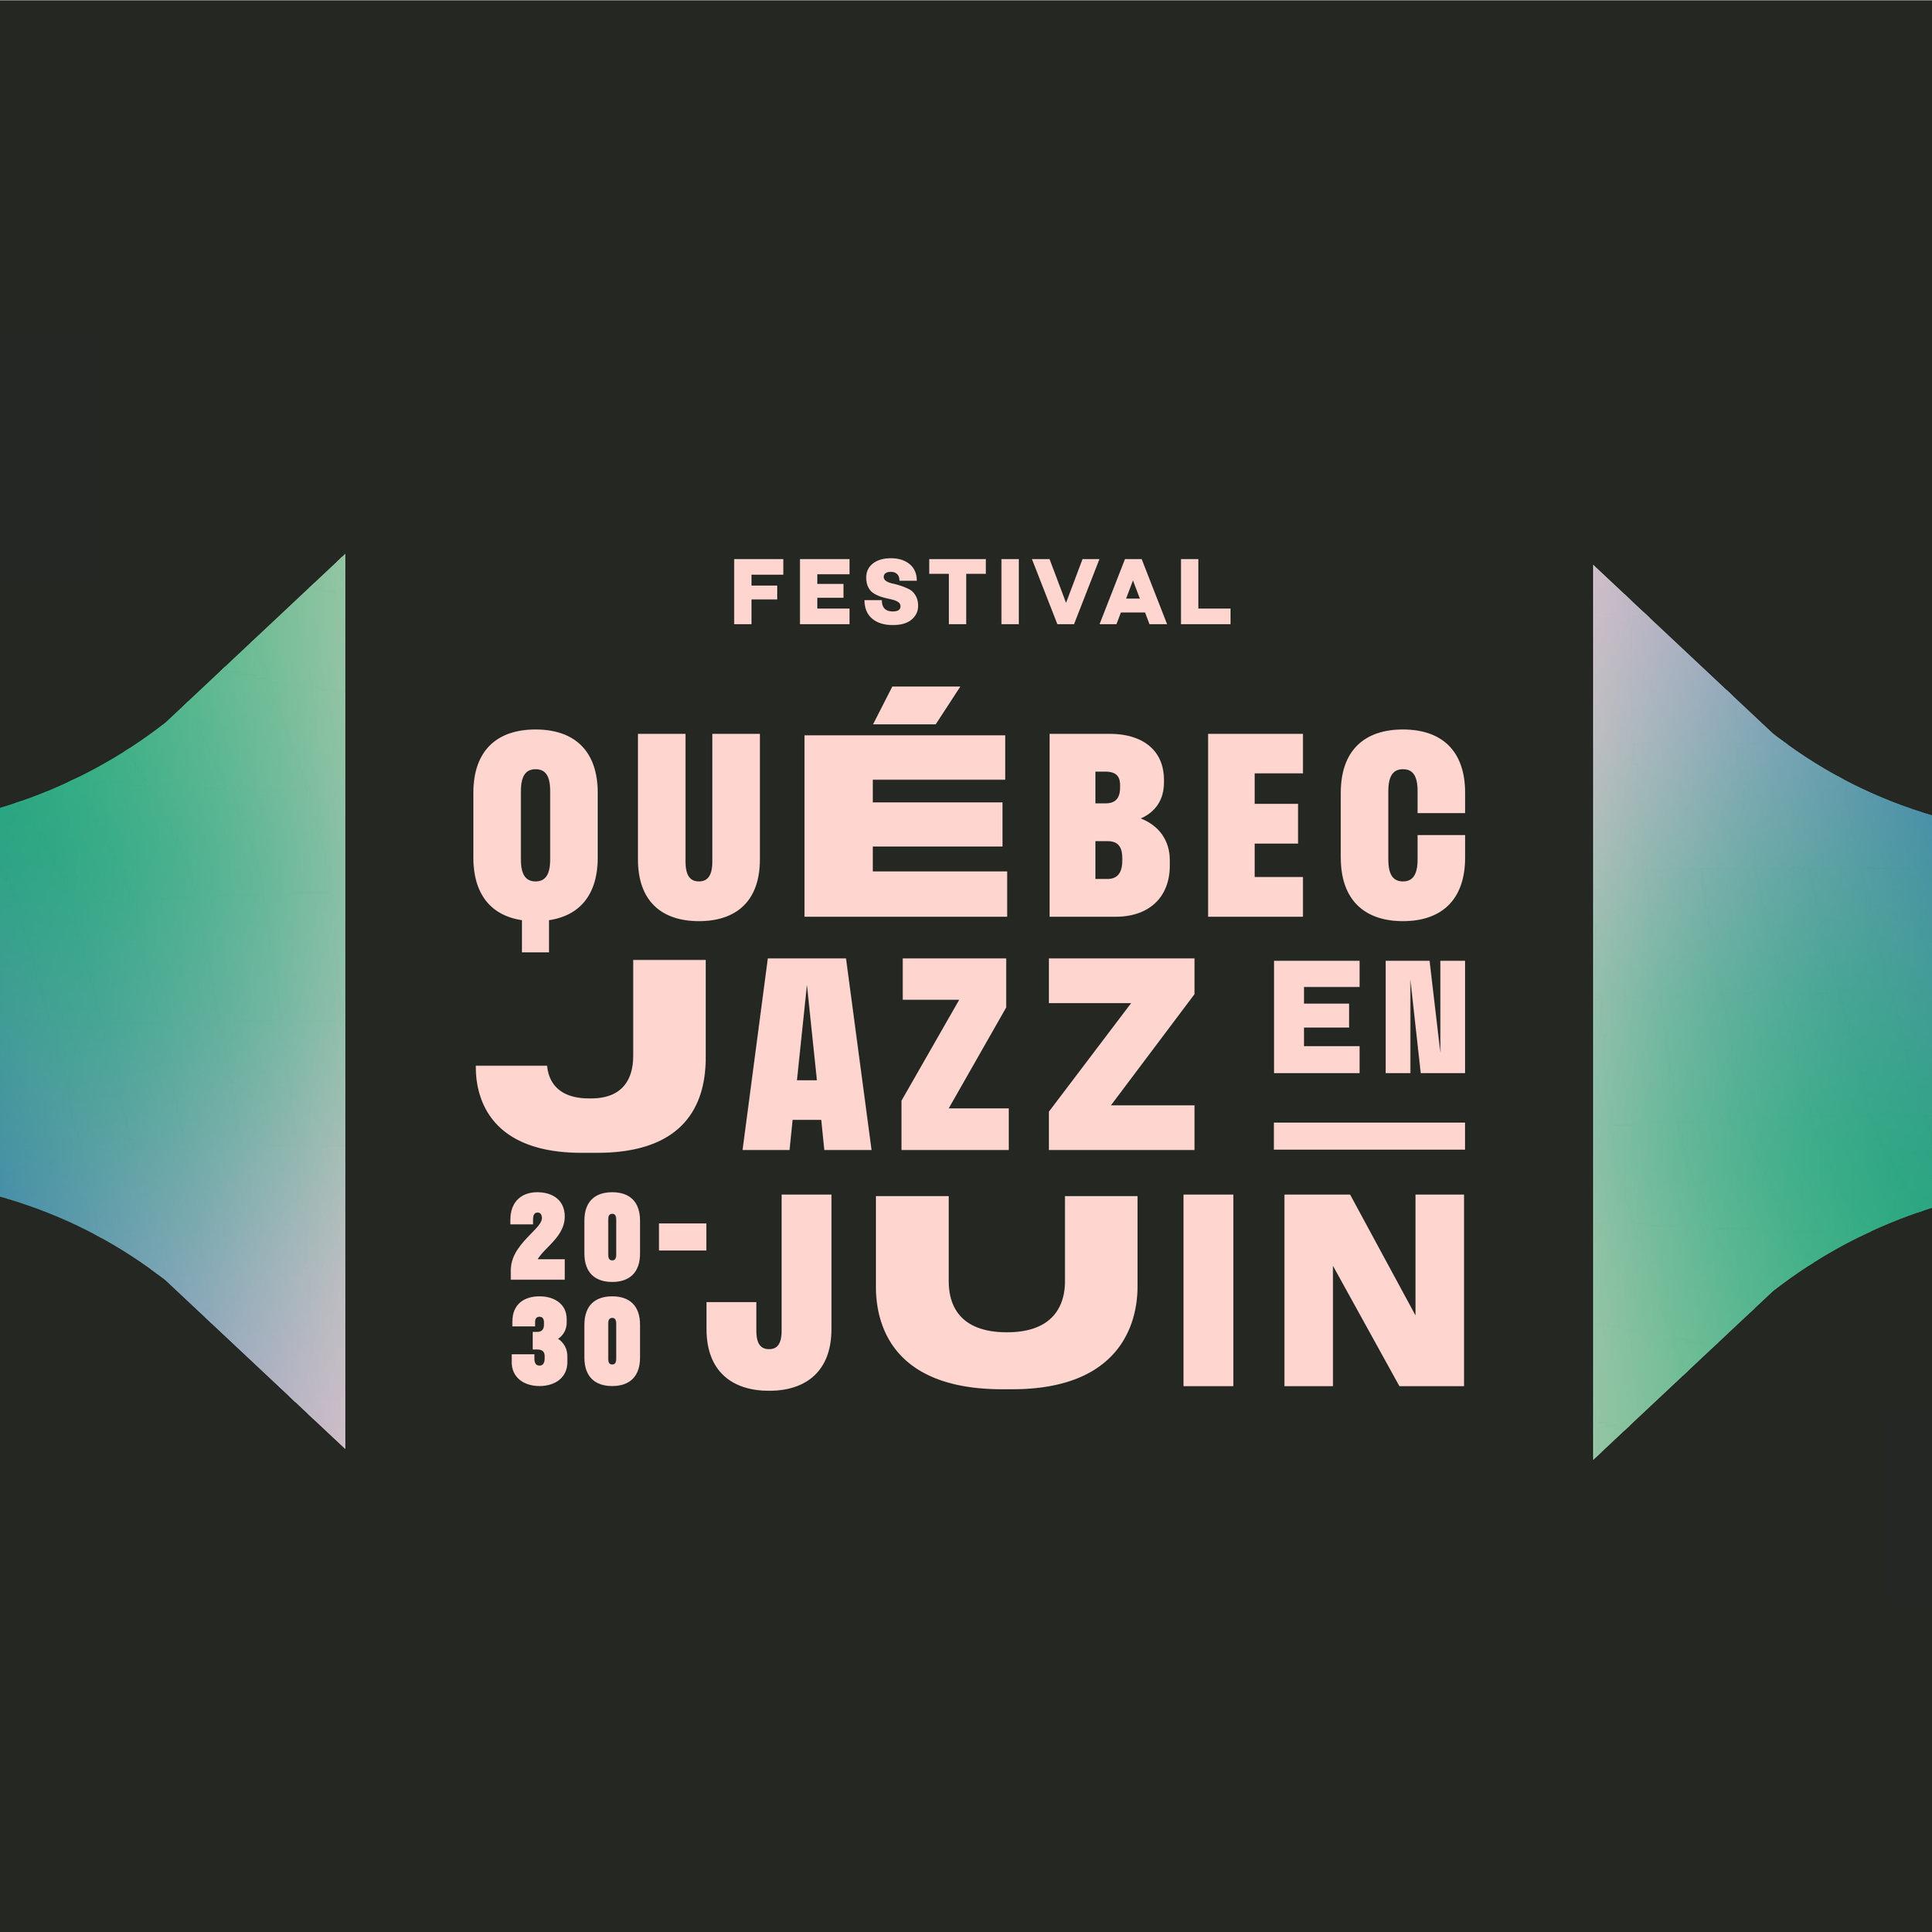 DIMANCHE ORGUE JAZZ - BAR ST-ANGÈLE / 21h00